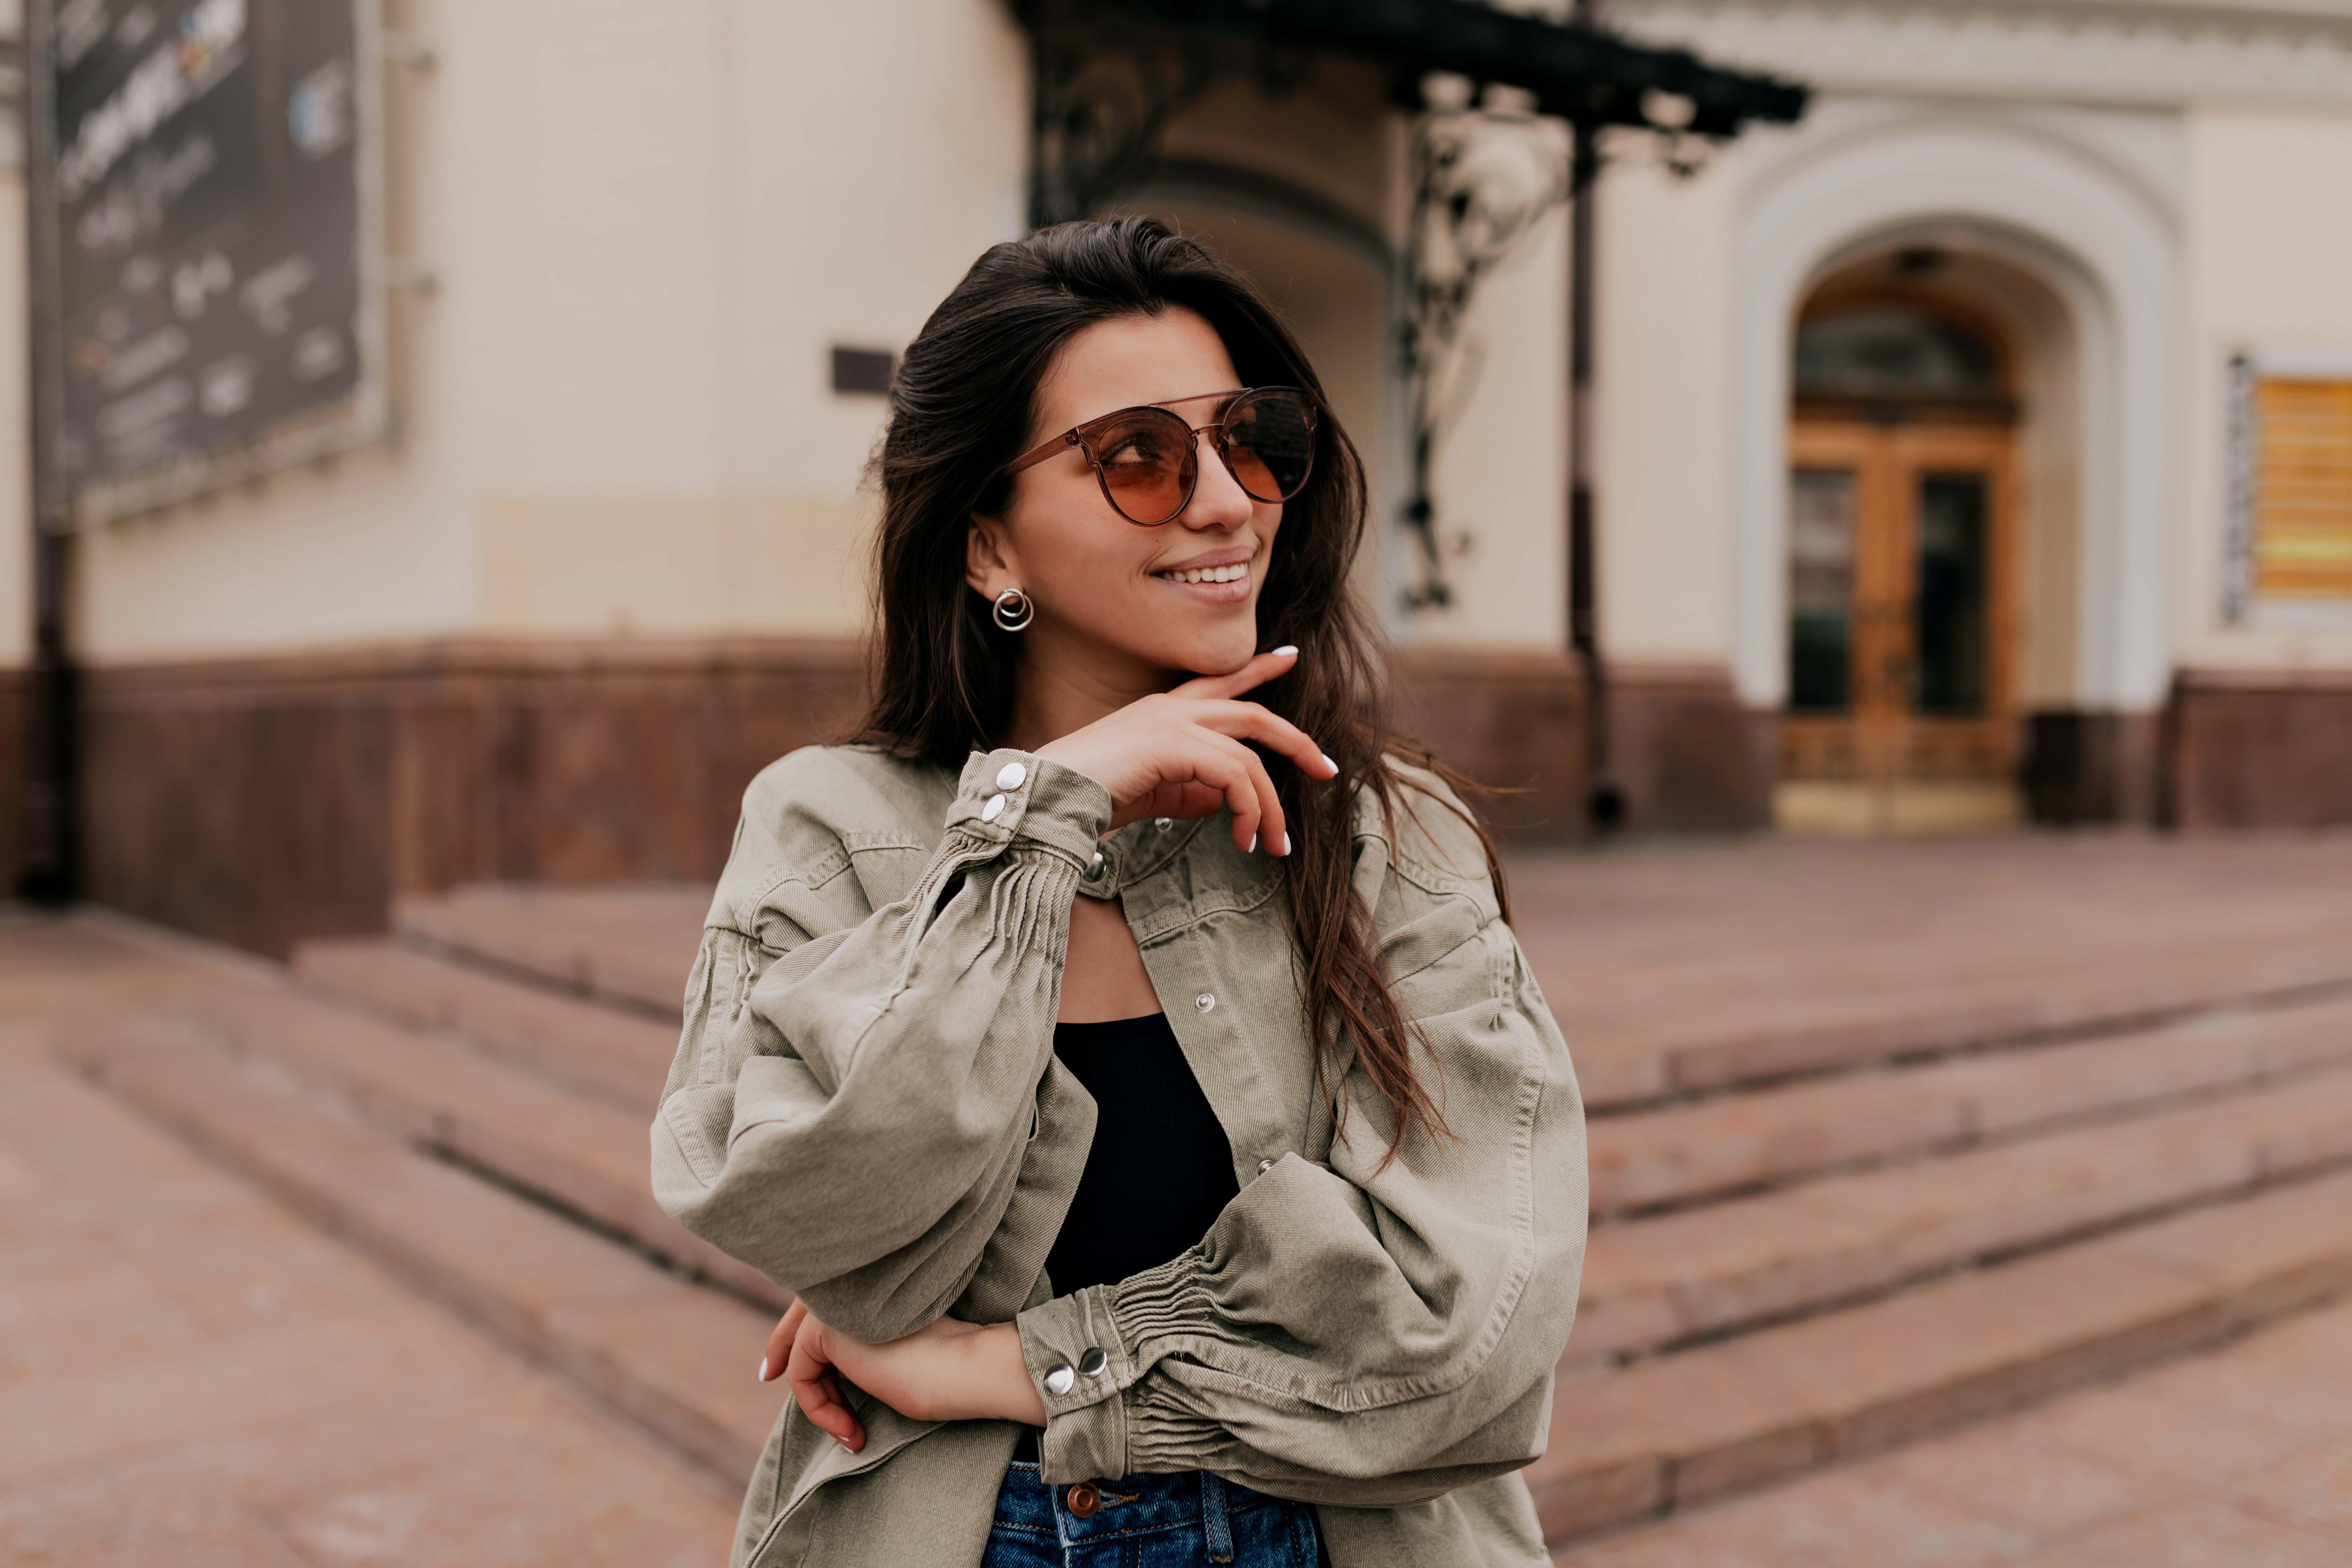 (P) Cele mai faimoase branduri de ochelari de soare must have pentru un look stilat